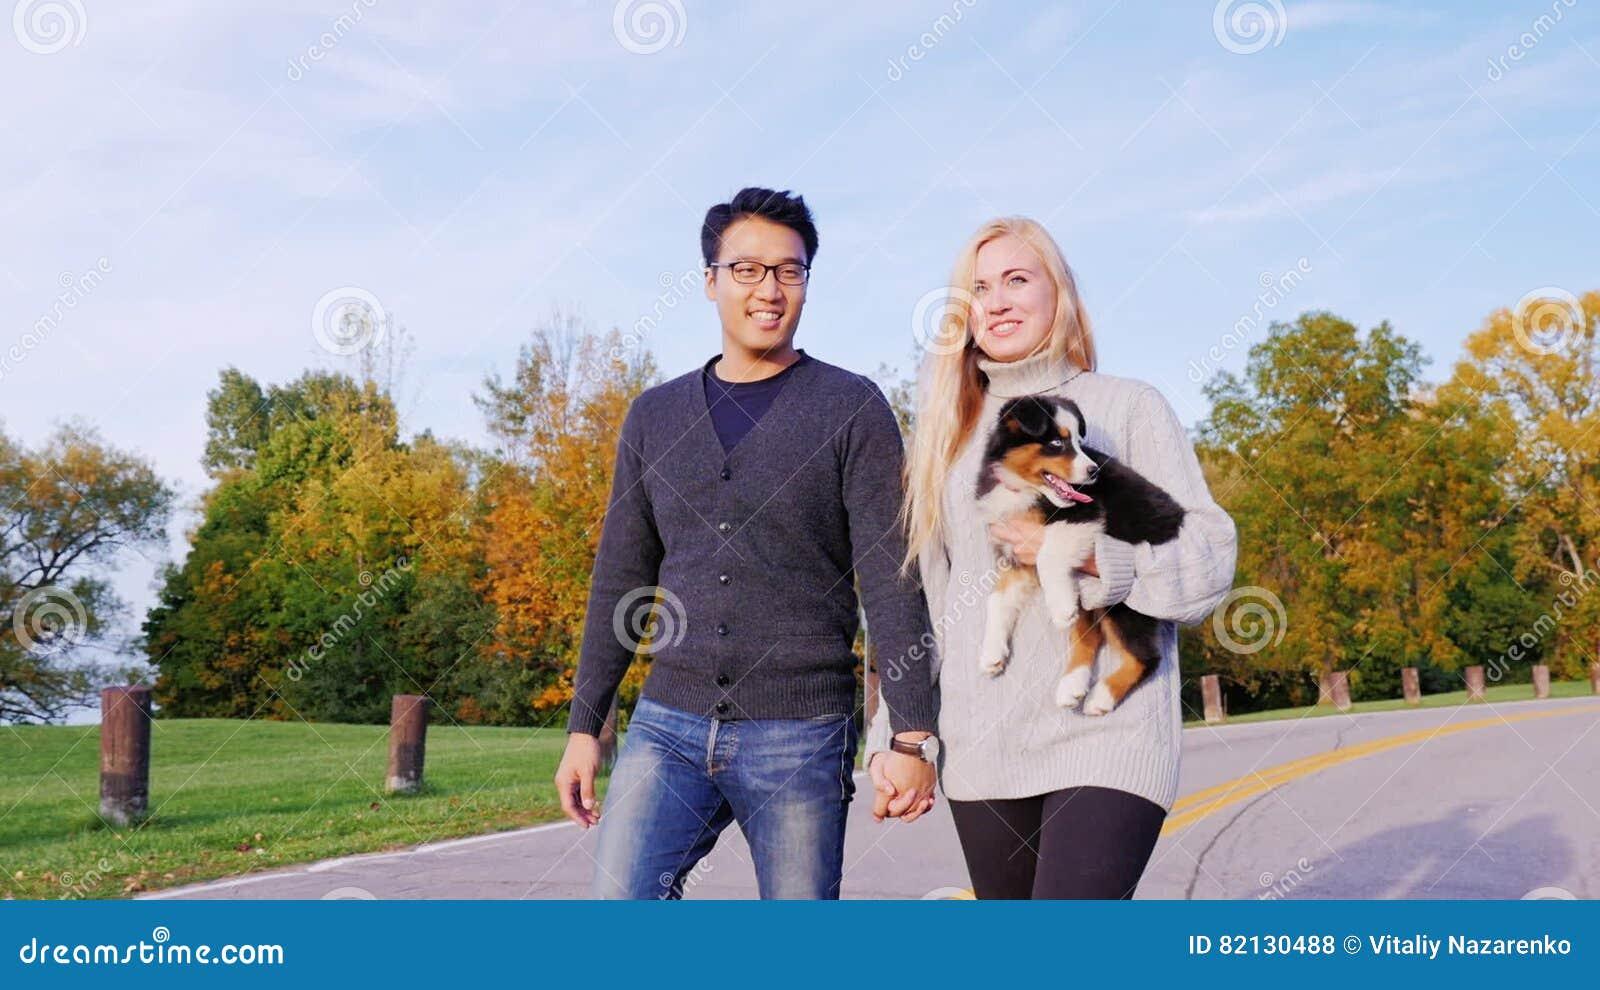 dating site Asian Kaukasisch berichten voor de dating sites voorbeelden